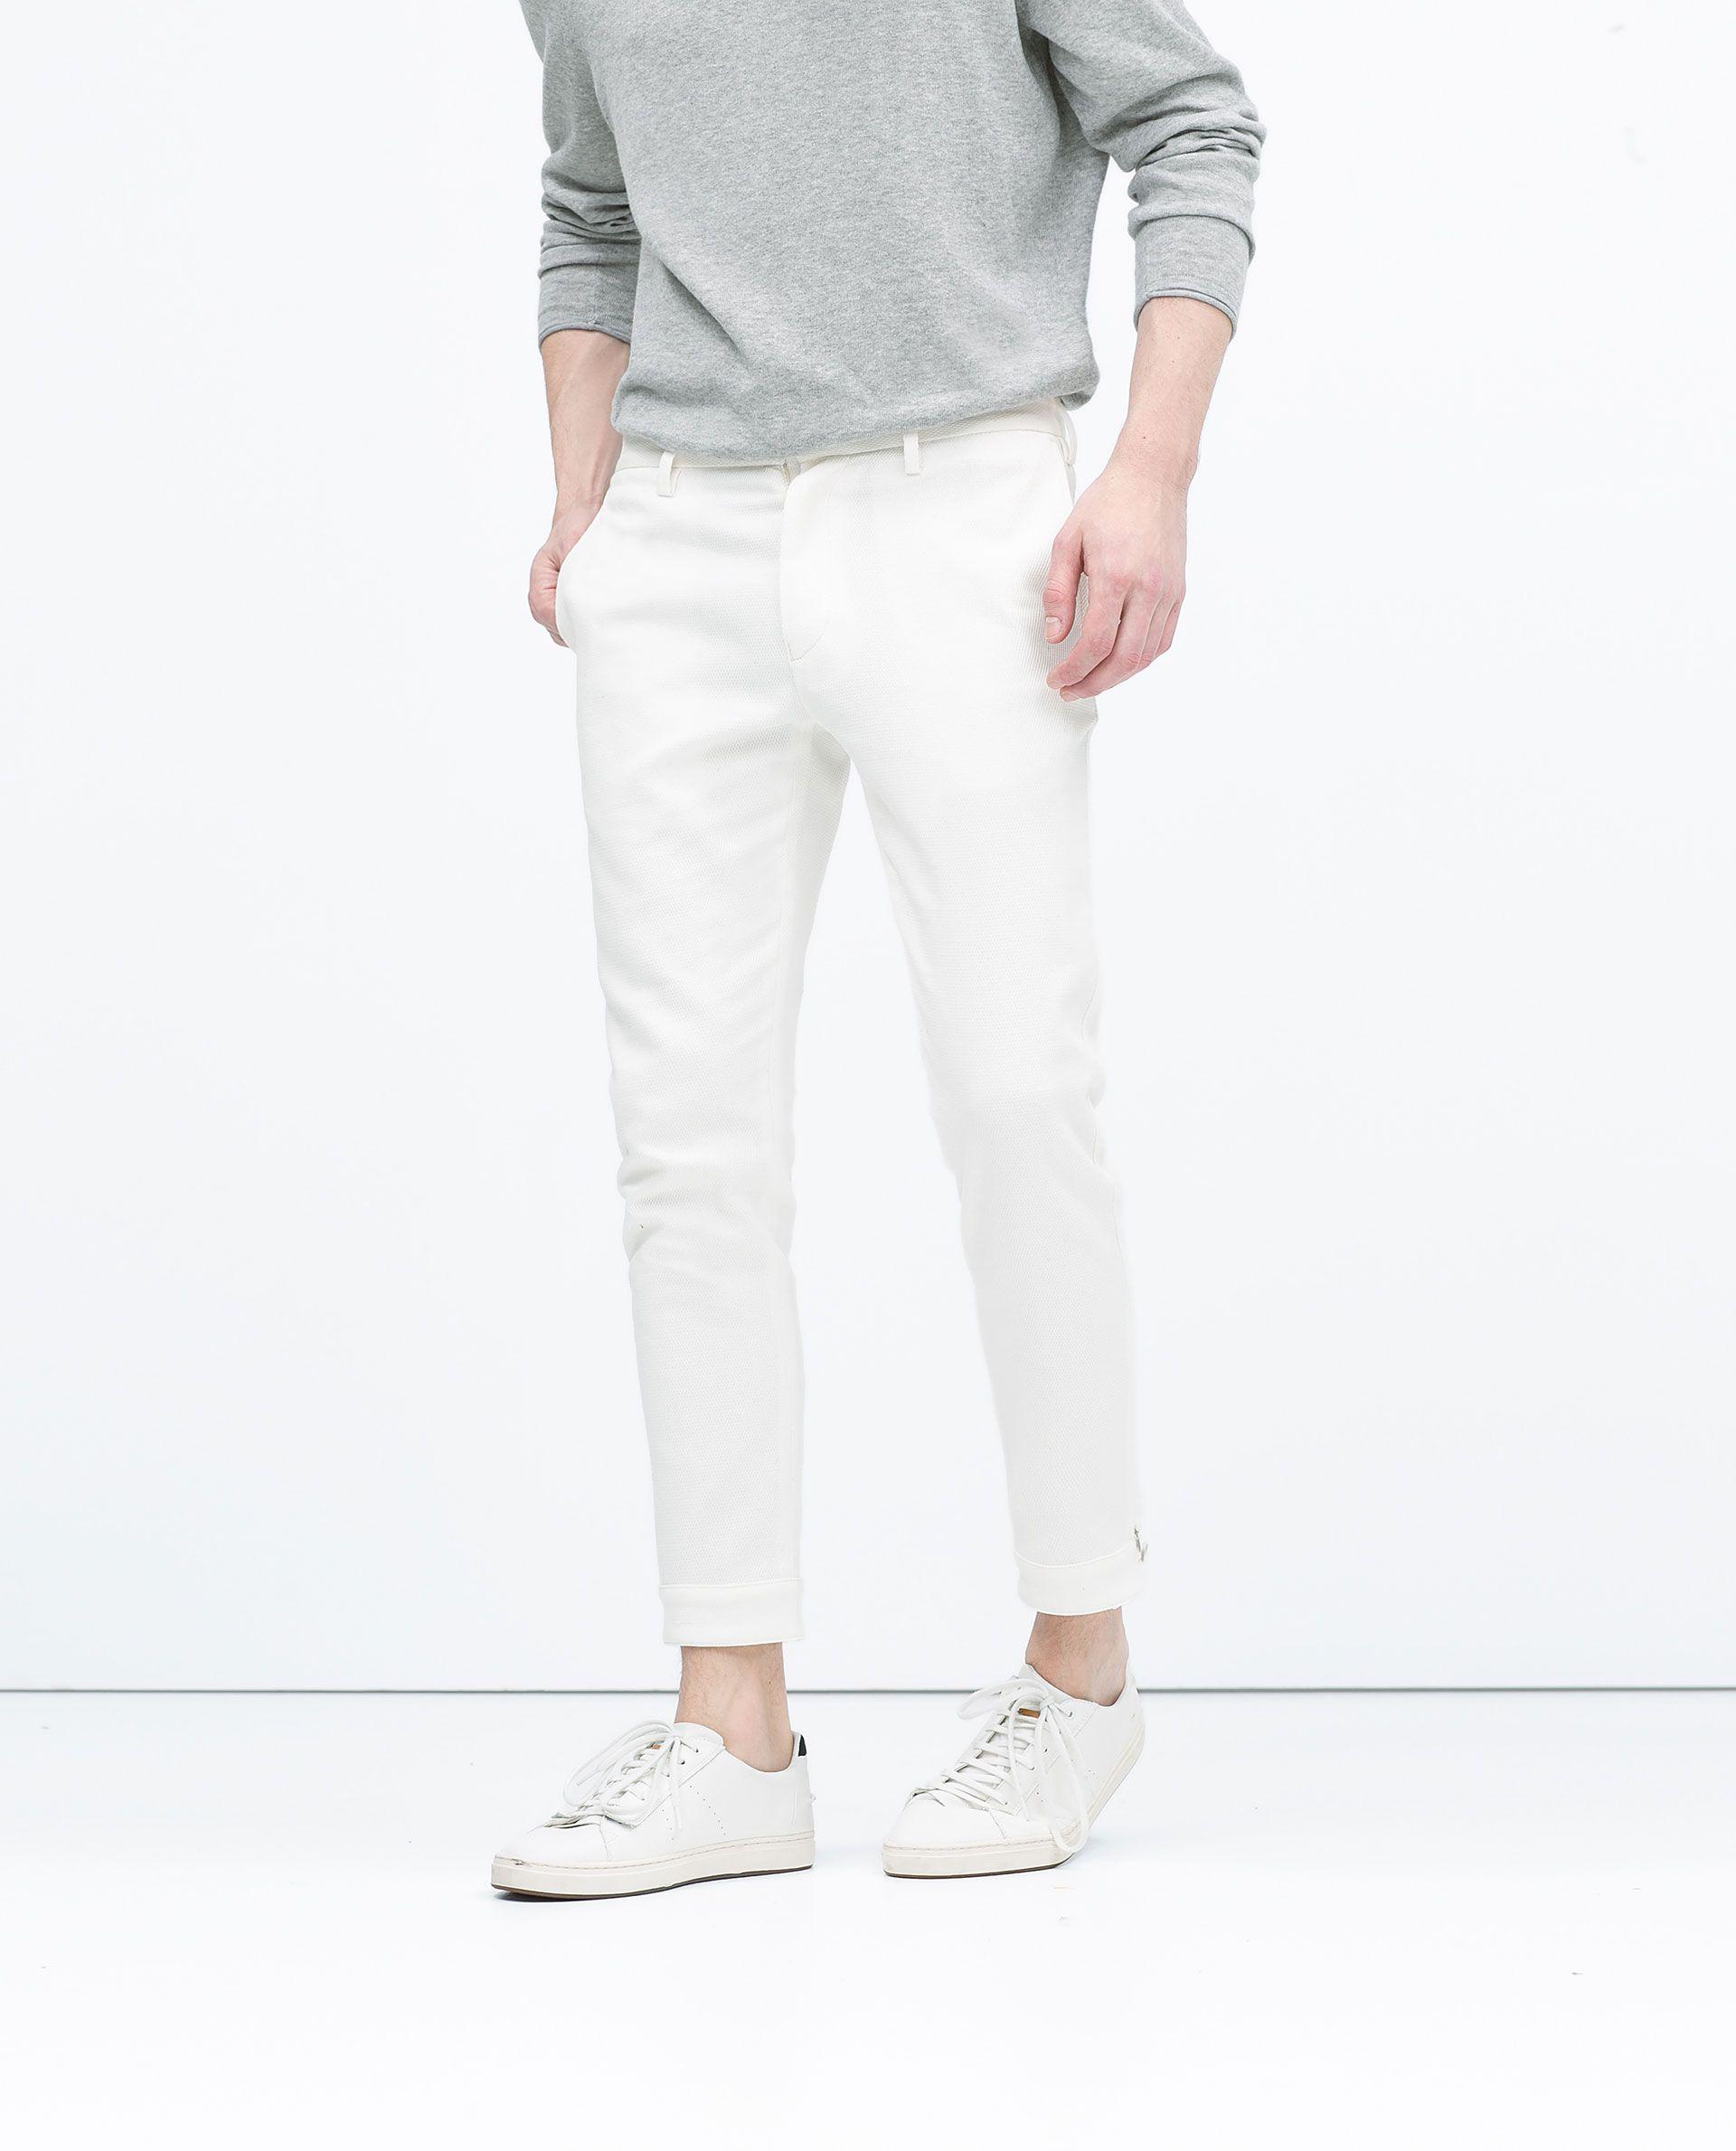 Pantalon De Vestir Blanco Hombre Pantalones Zara